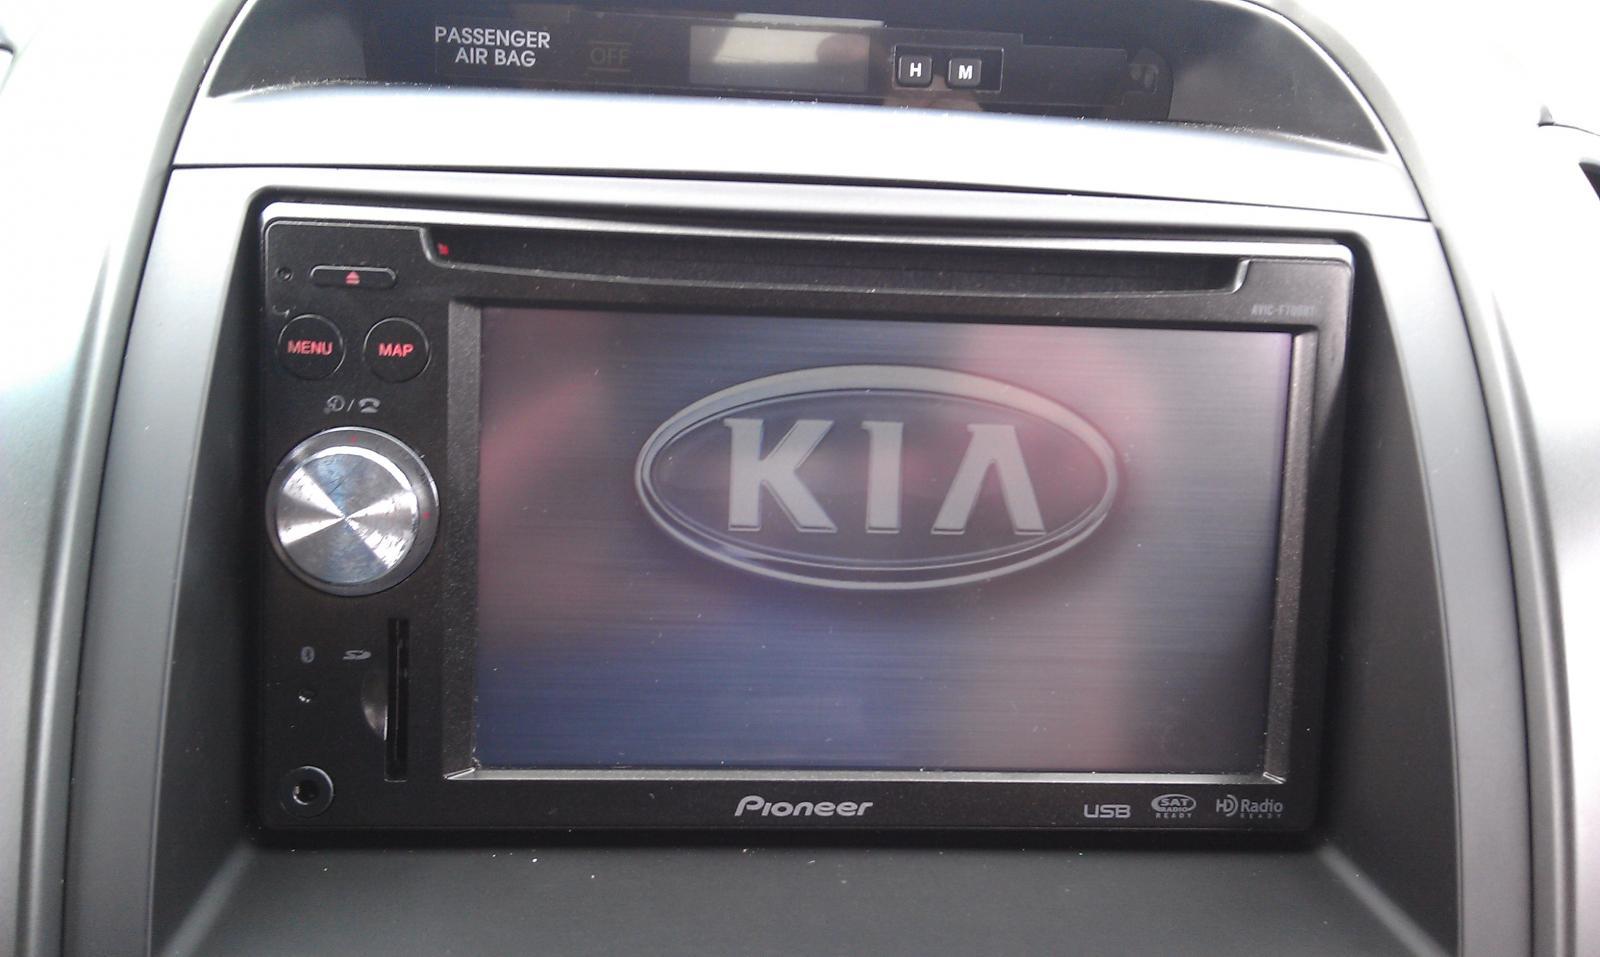 9497d1317128521 my radio install imag0026 my radio install kia forum 2007 kia sorento radio wiring harness at reclaimingppi.co